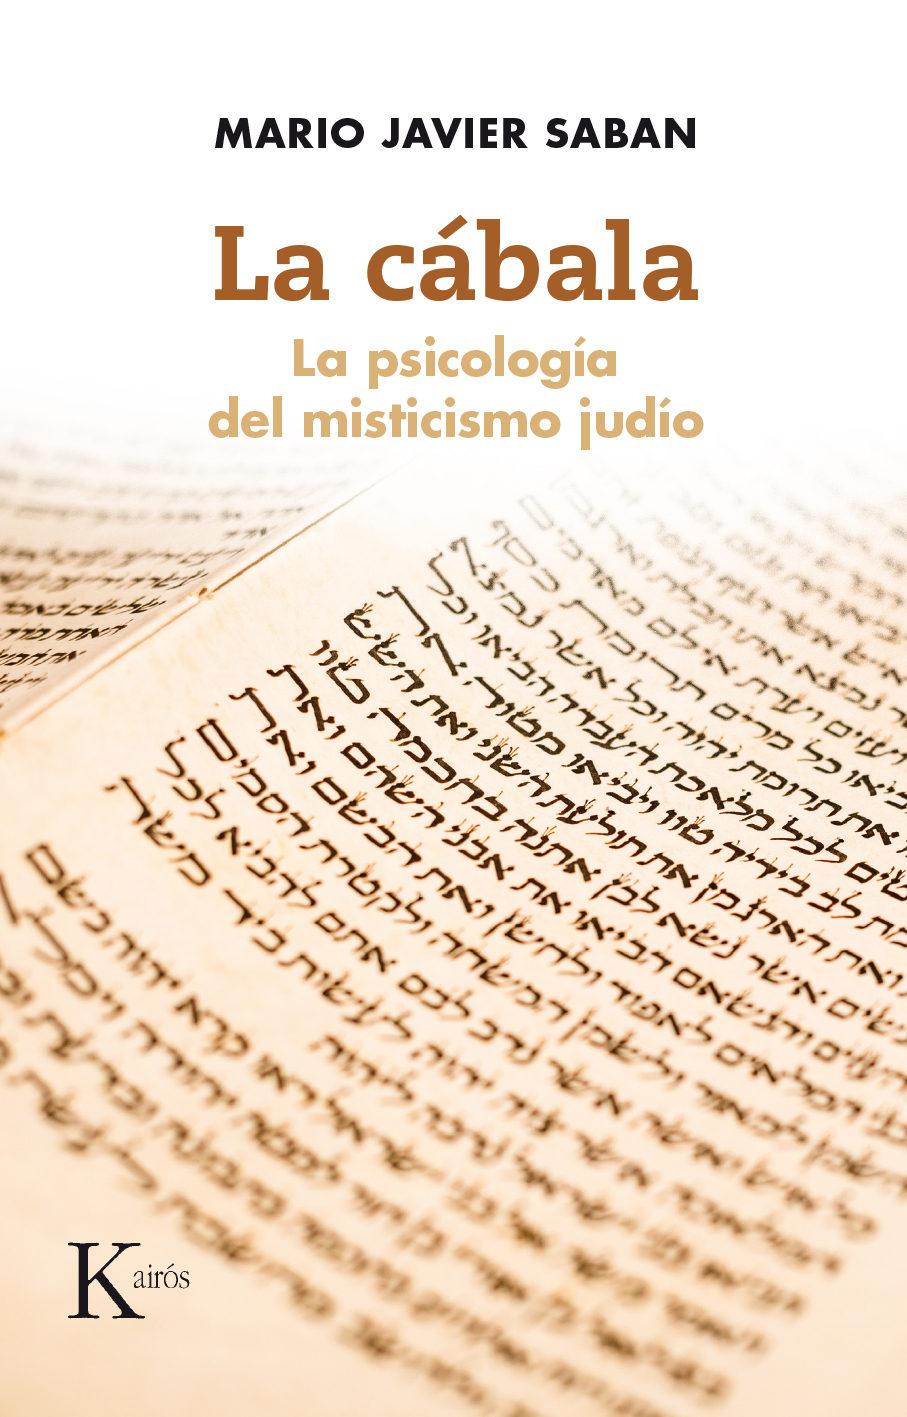 La Cábala: La Psicología del Misticismo Judío - Mario Javier Saban Cuño - Kairós